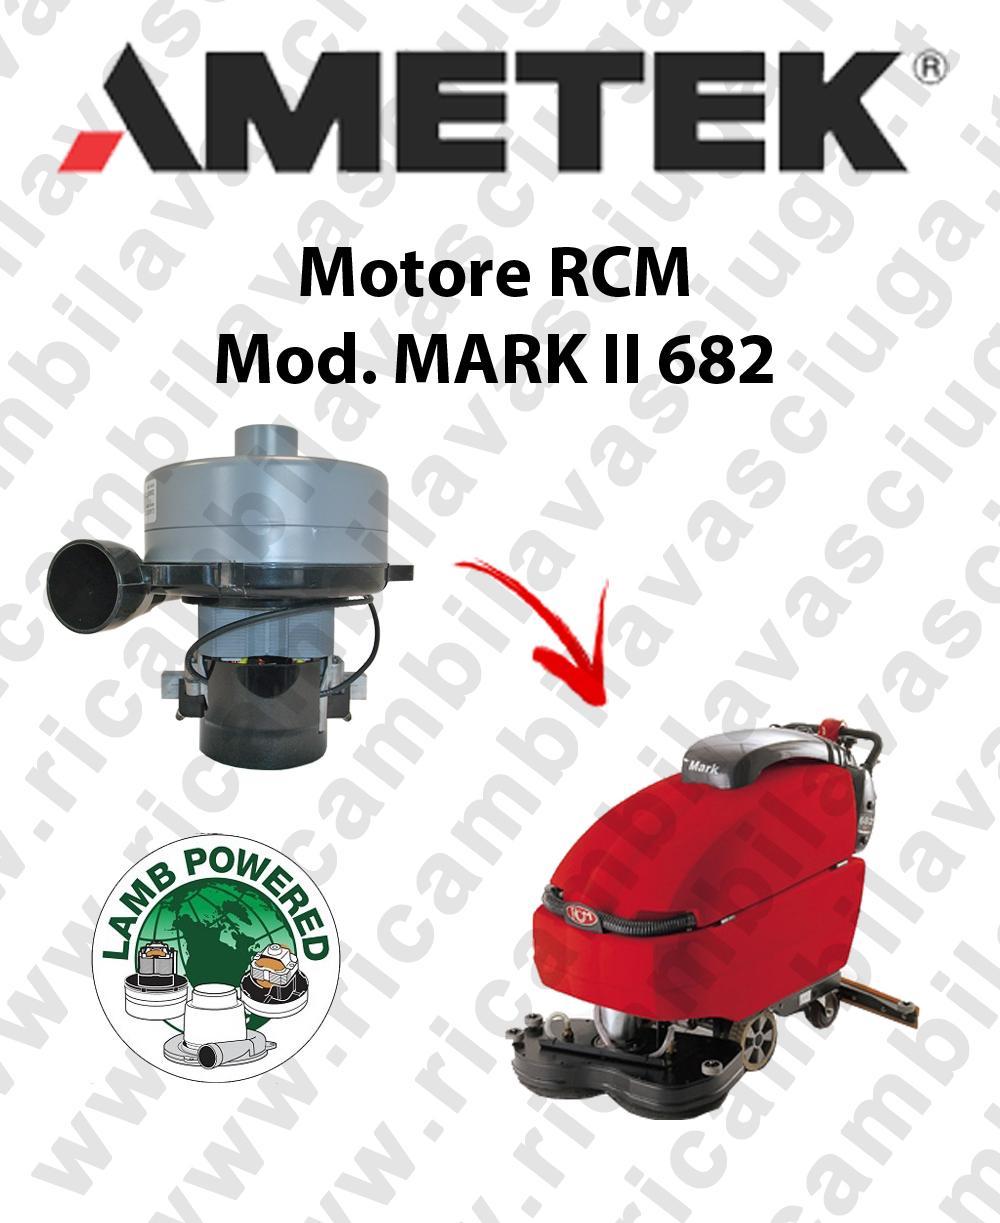 MARK II 682 Saugmotor LAMB AMETEK für scheuersaugmaschinen RCM